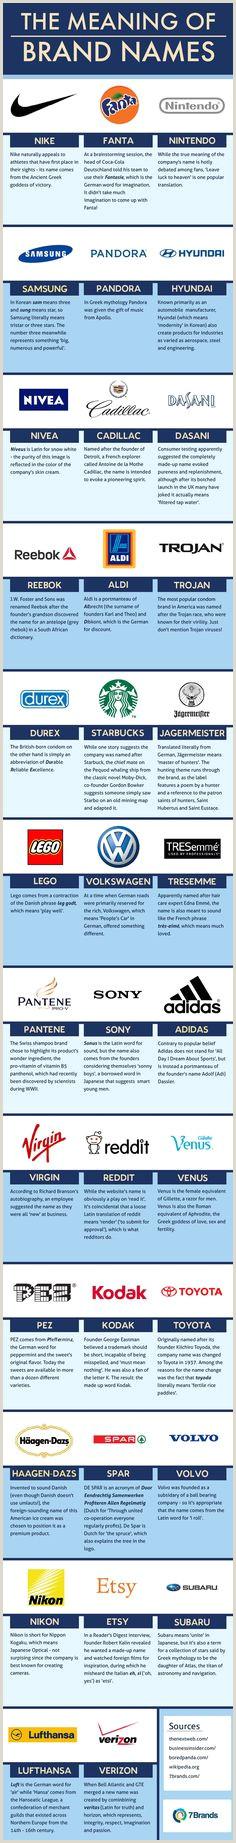 Best Business Cards Website? Reddit 100 Design Fontastic Ideas